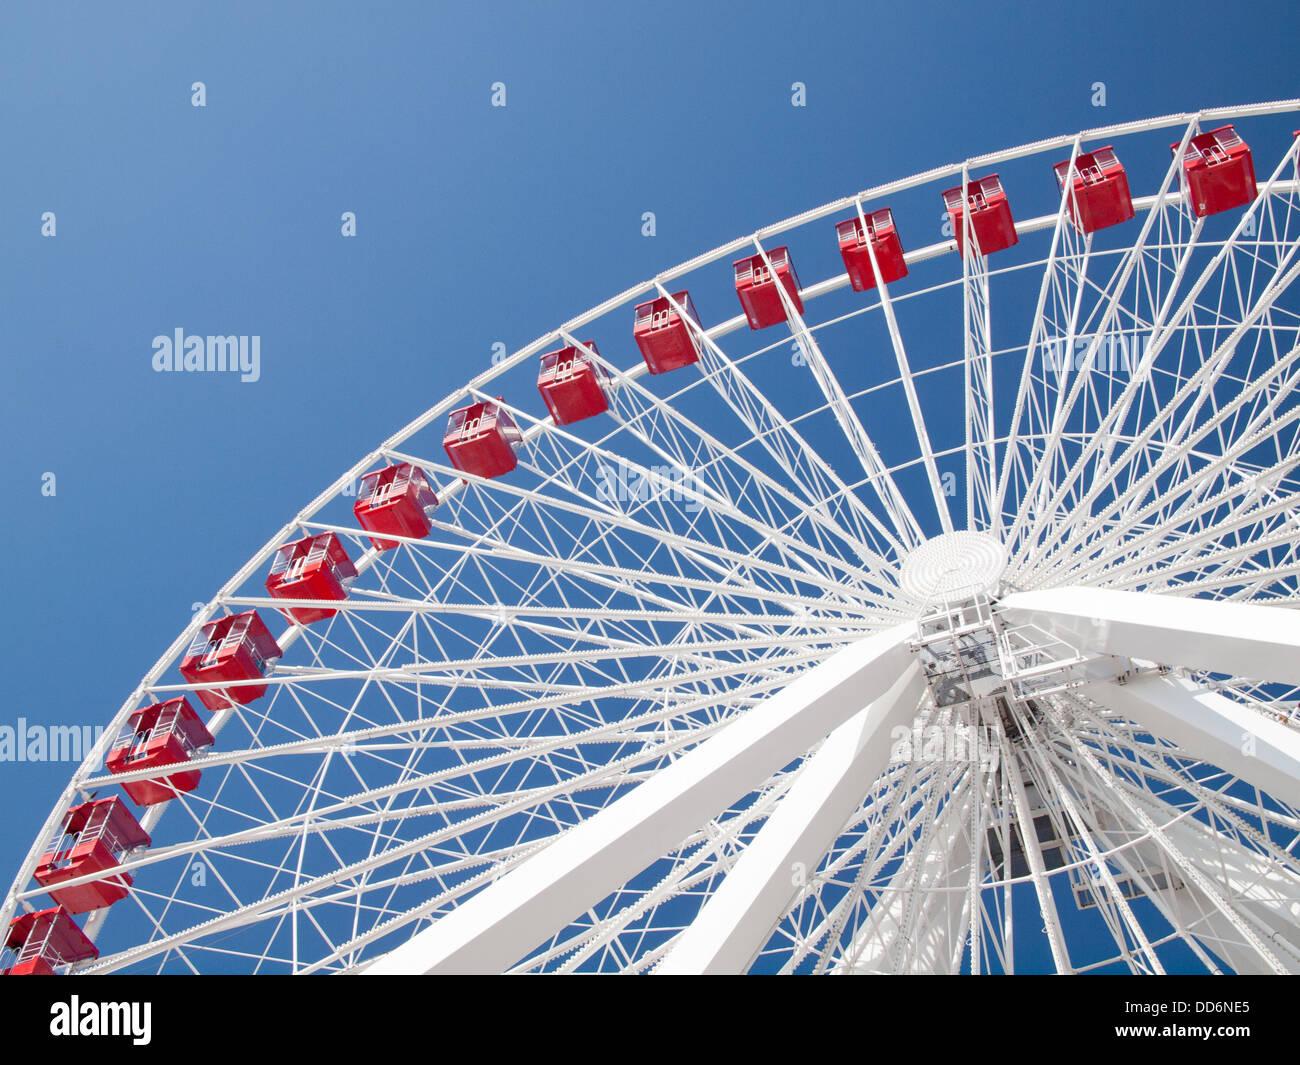 La impresionante noria en el Navy Pier de Chicago, Illinois. Imagen De Stock